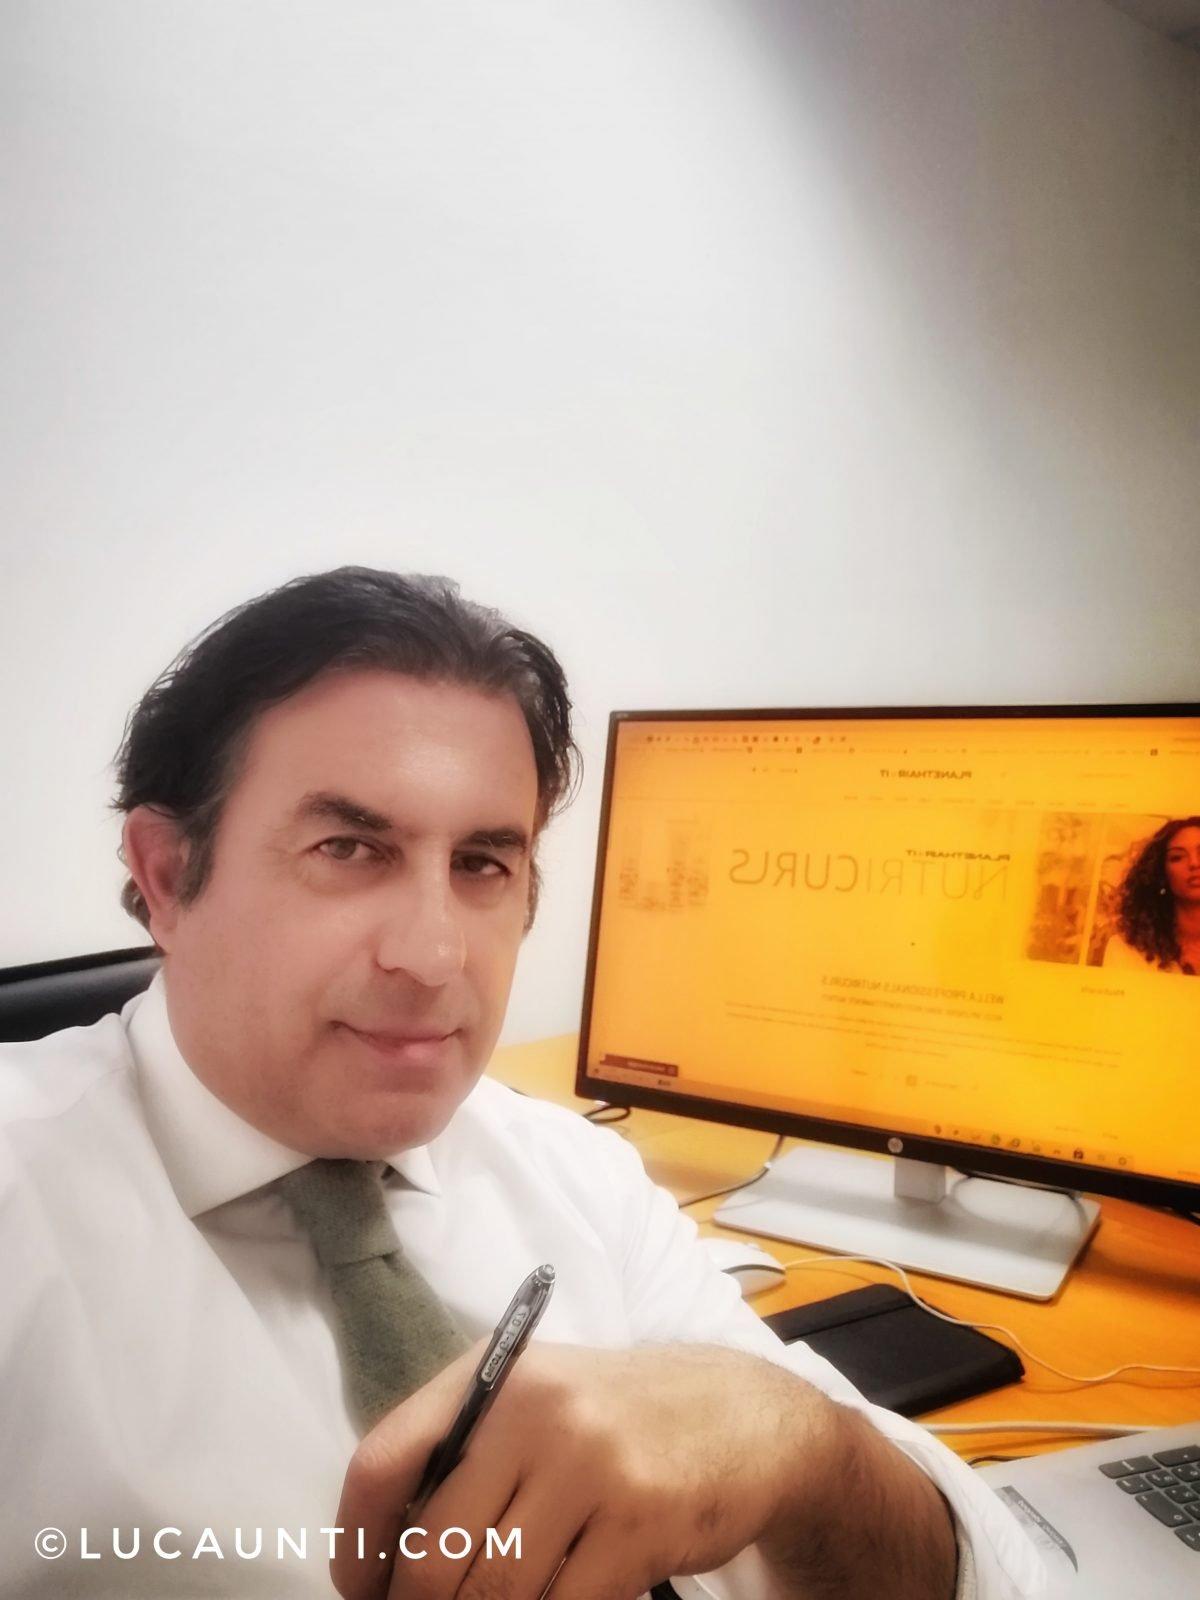 Luca Unti